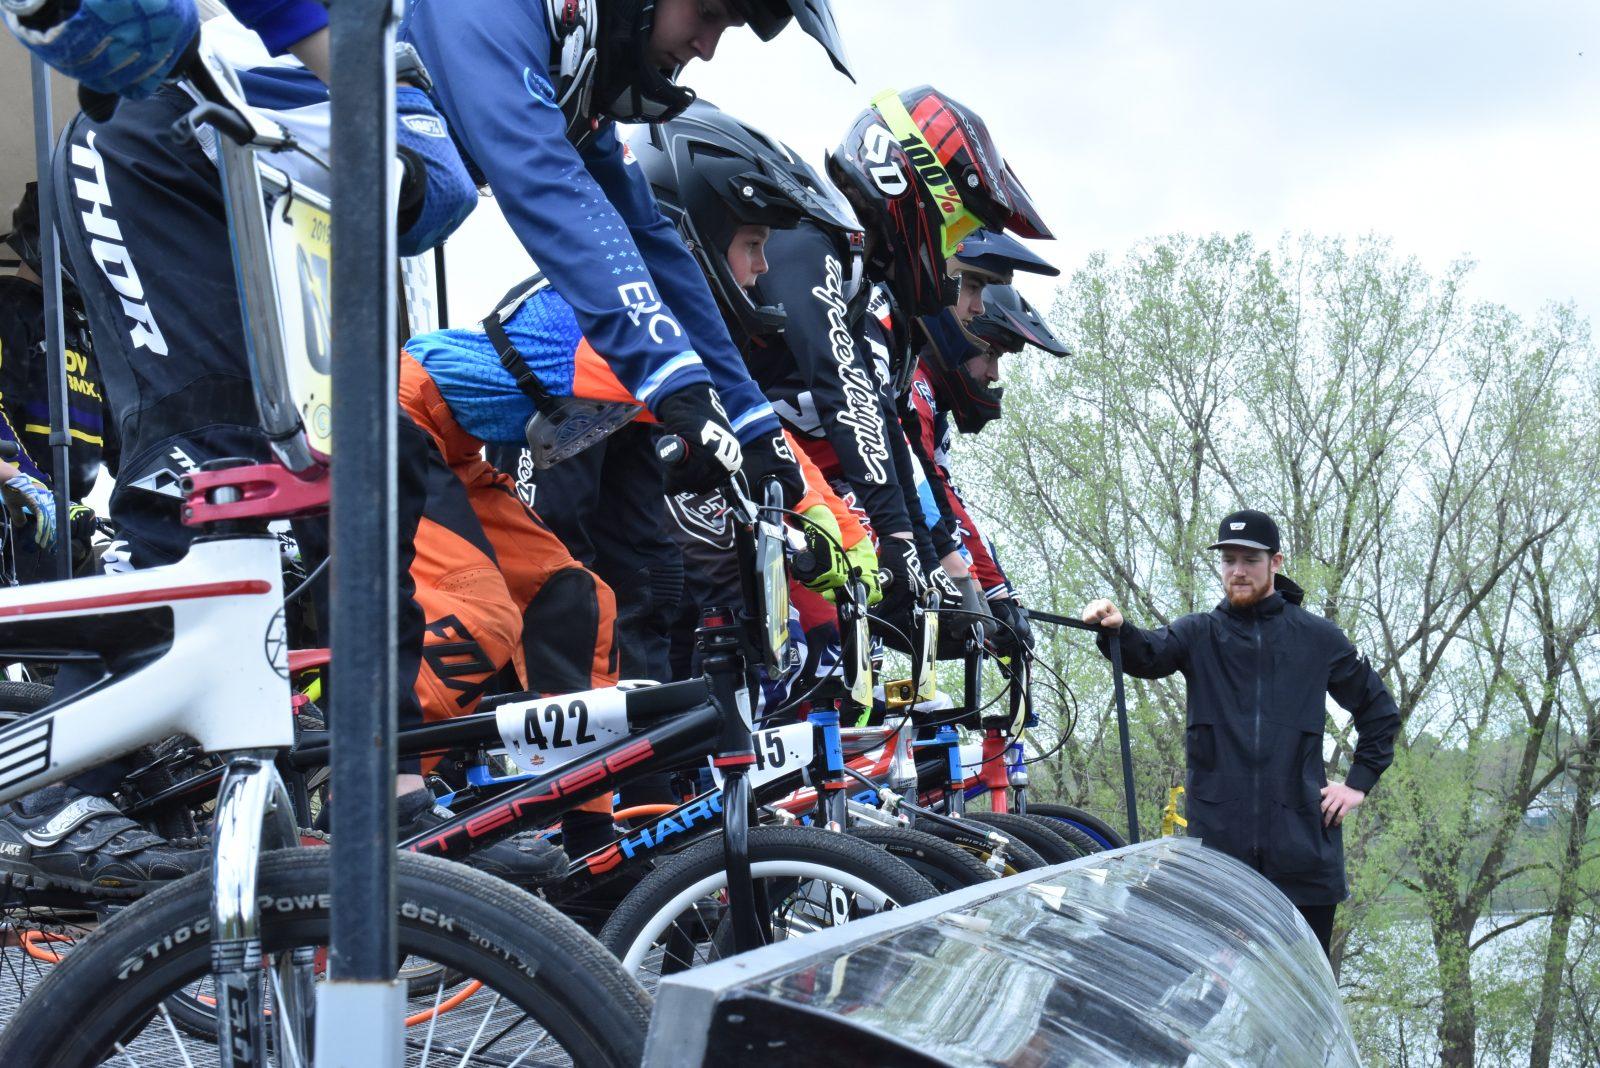 Beaucoup d'action ce week-end à la piste de BMX